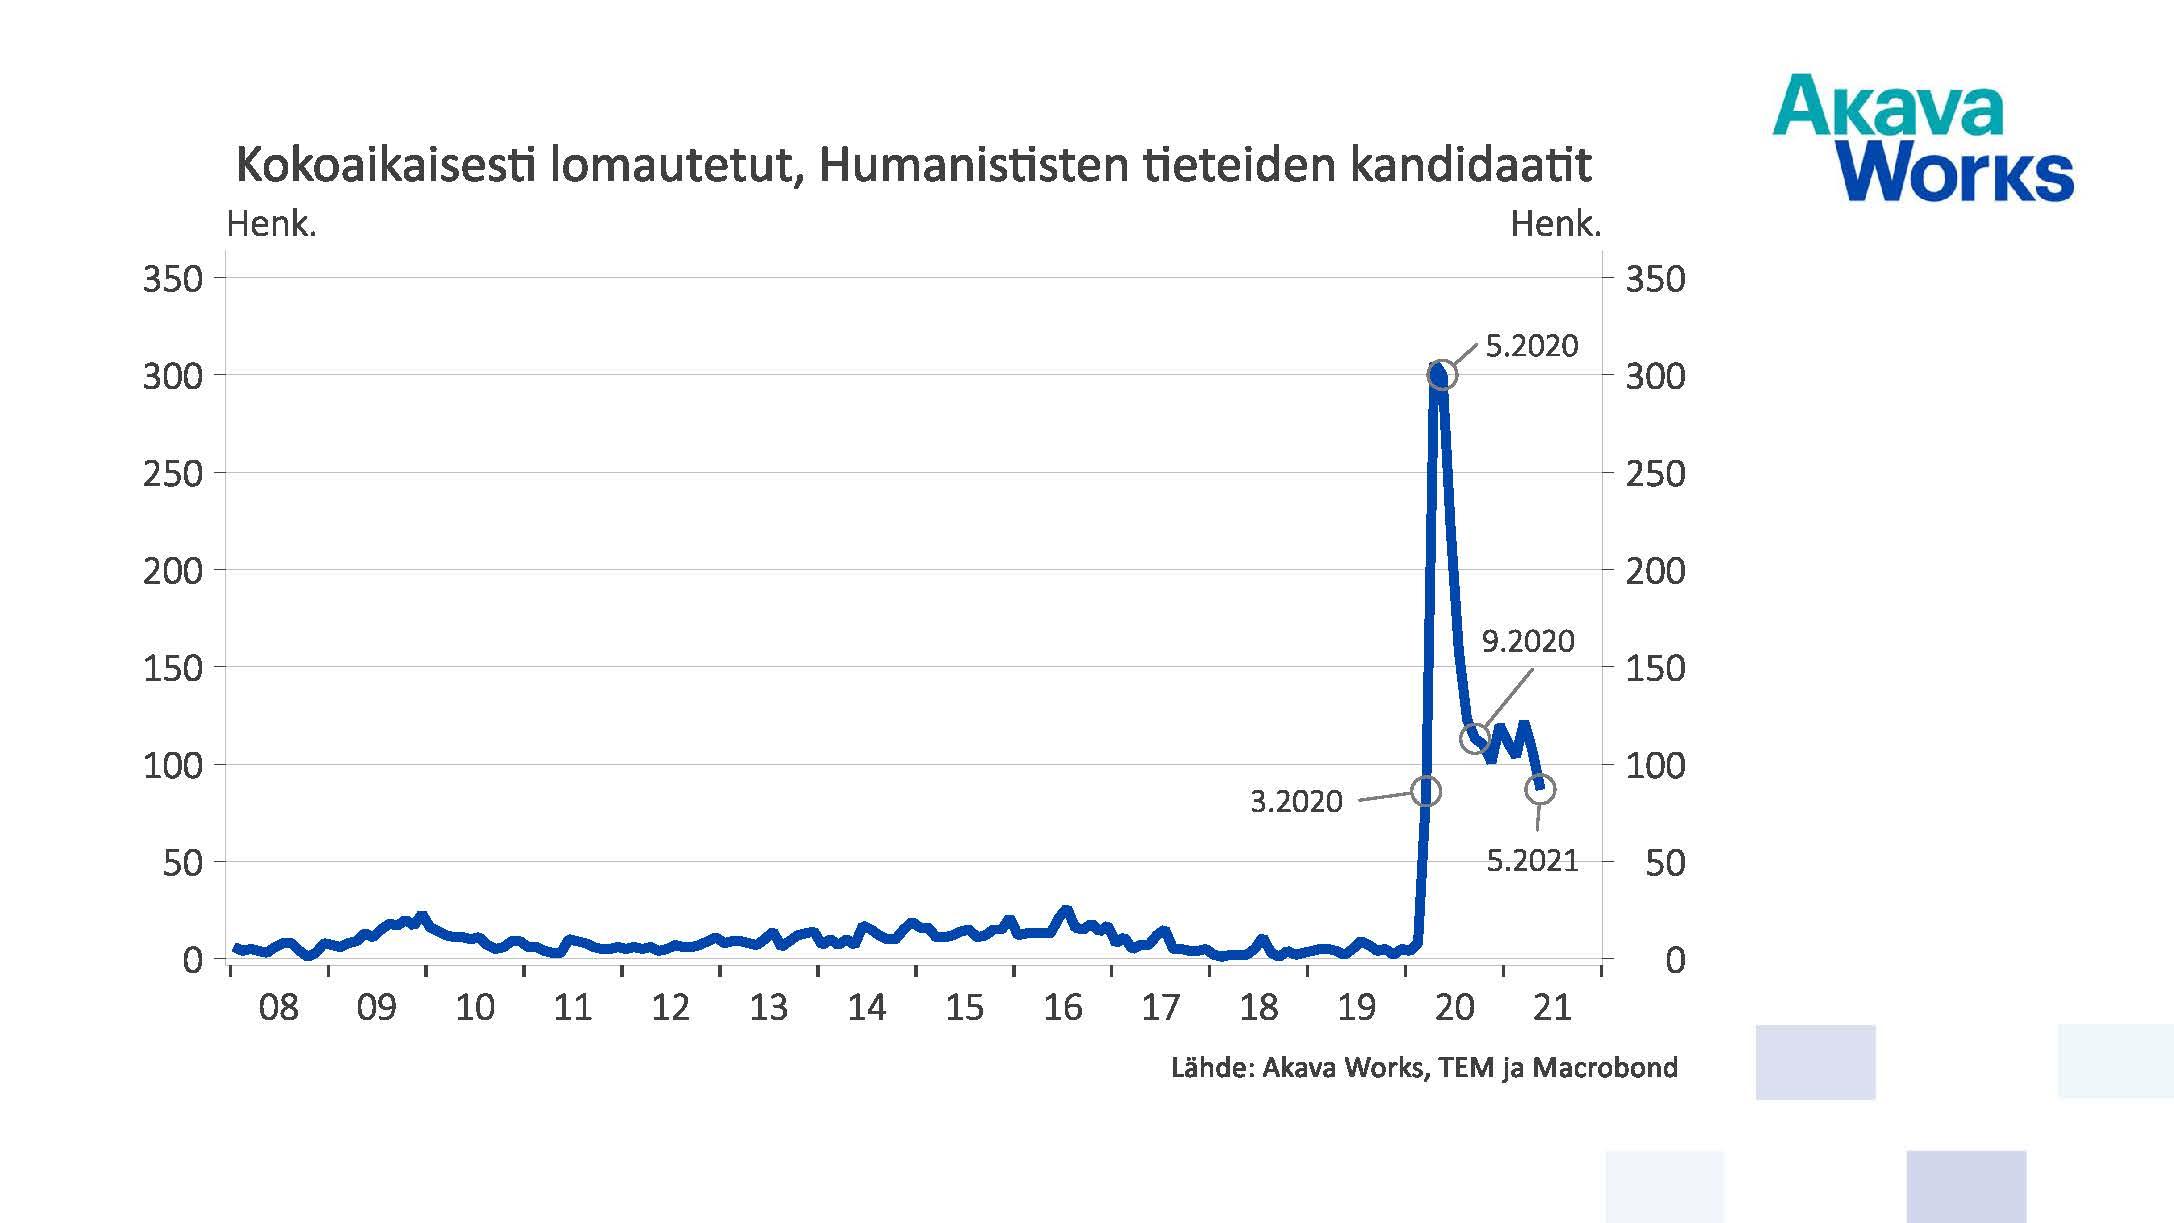 Kokoaikaisesti lomautetut humanististen tieteiden kandidaatit 05/2021